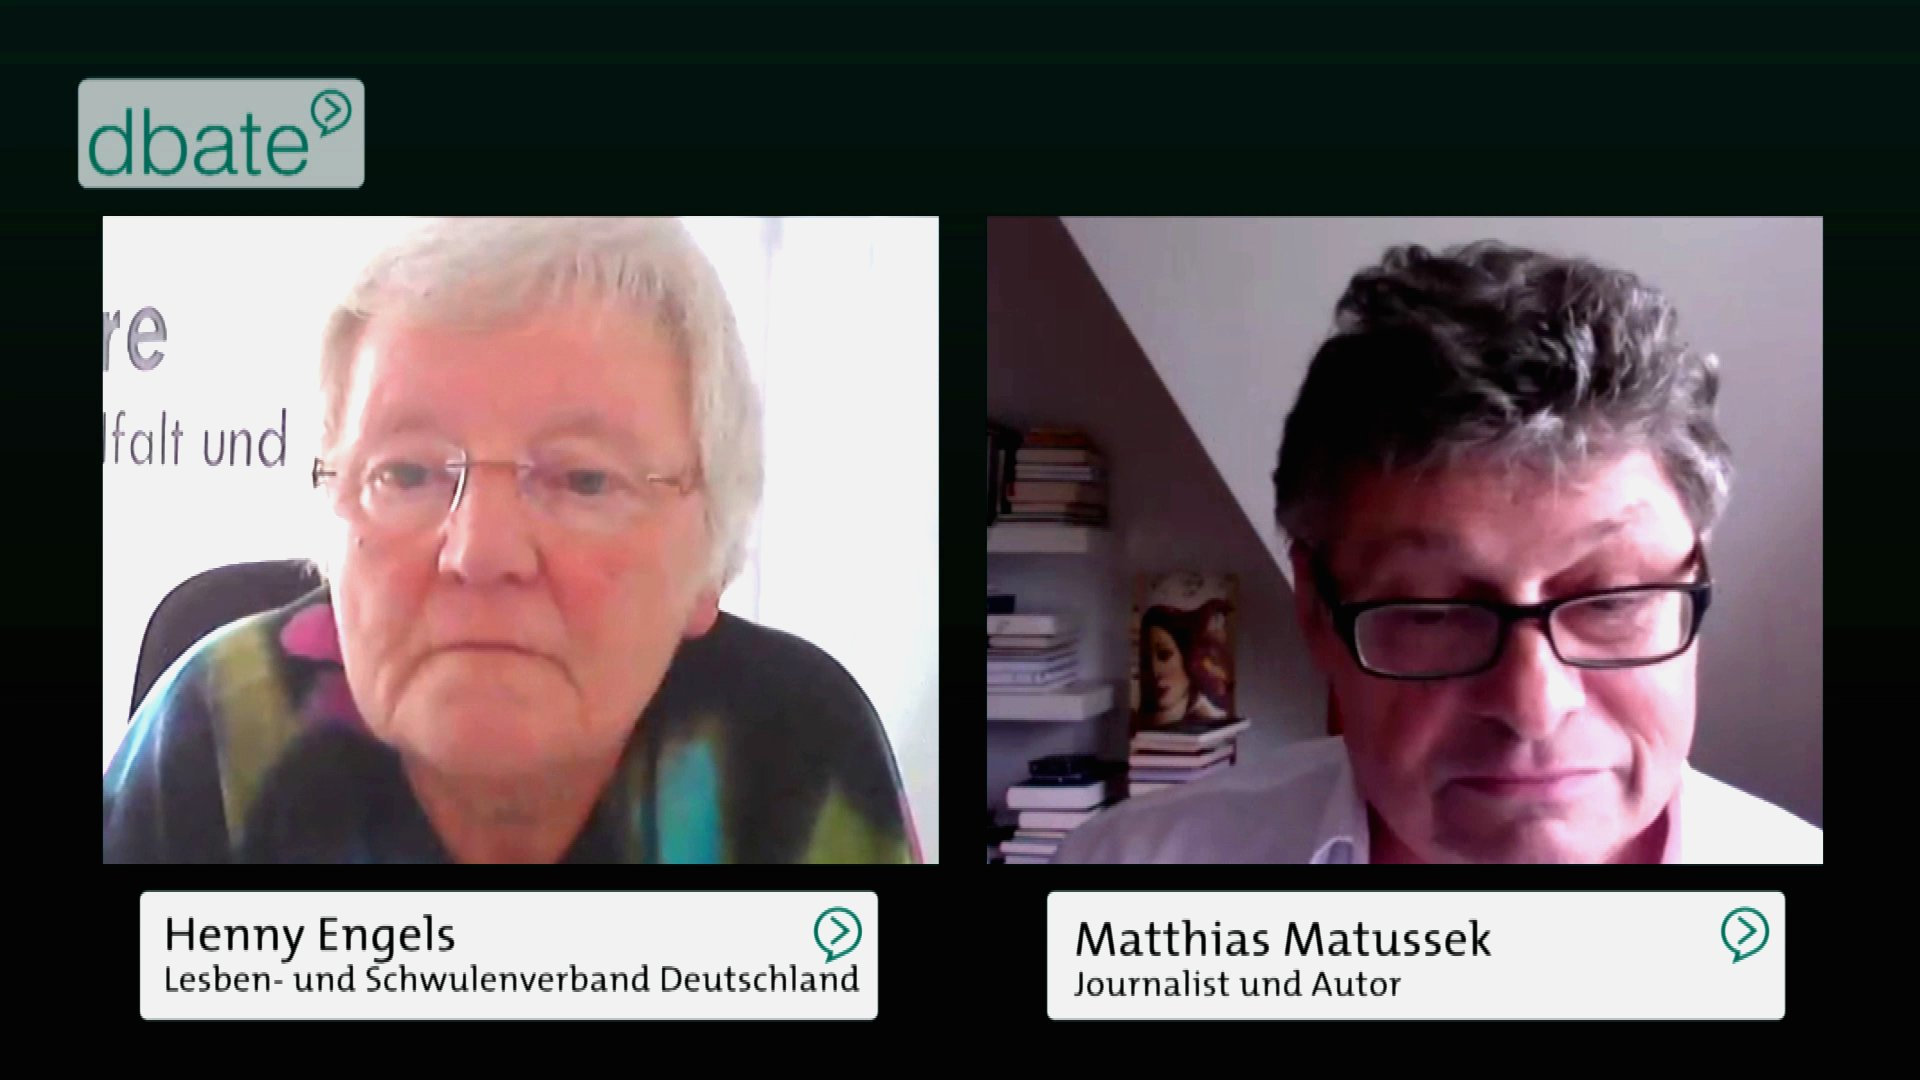 Streitgespräch über die Legalisierung der Homo-Ehe zwischen henny Engels und Matthias Matussek